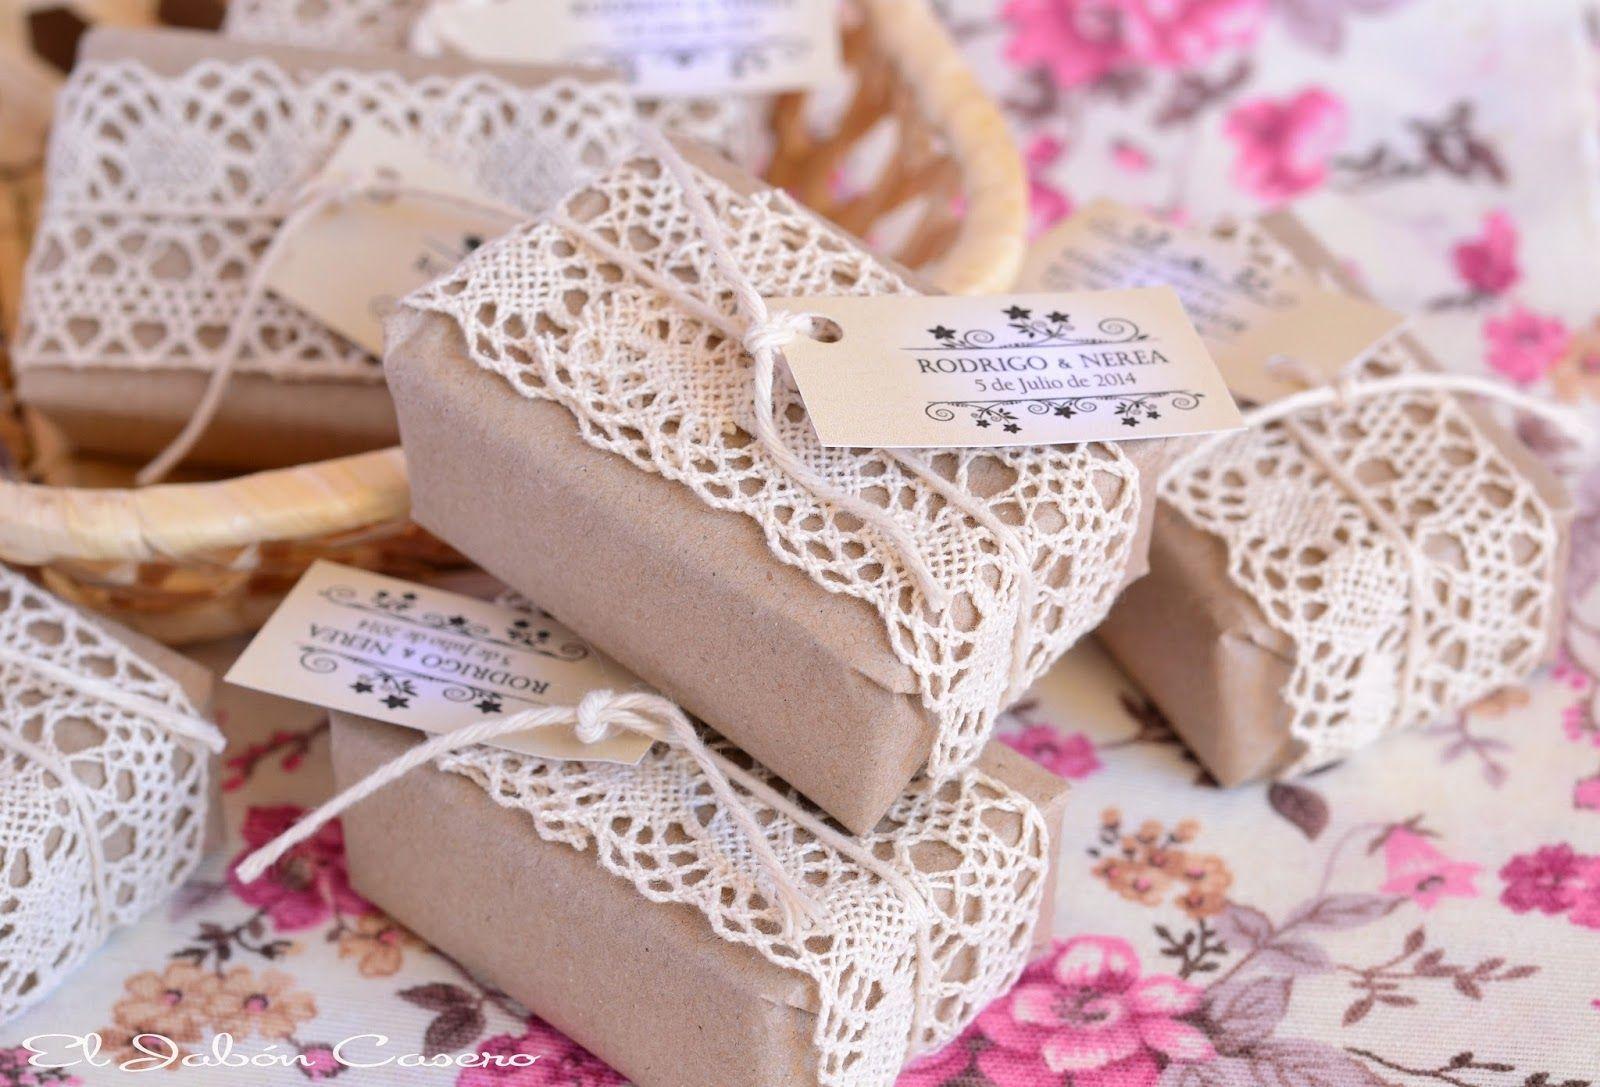 Detalles de boda vintage jabones hechos a mano y - Detalles de fiesta ...